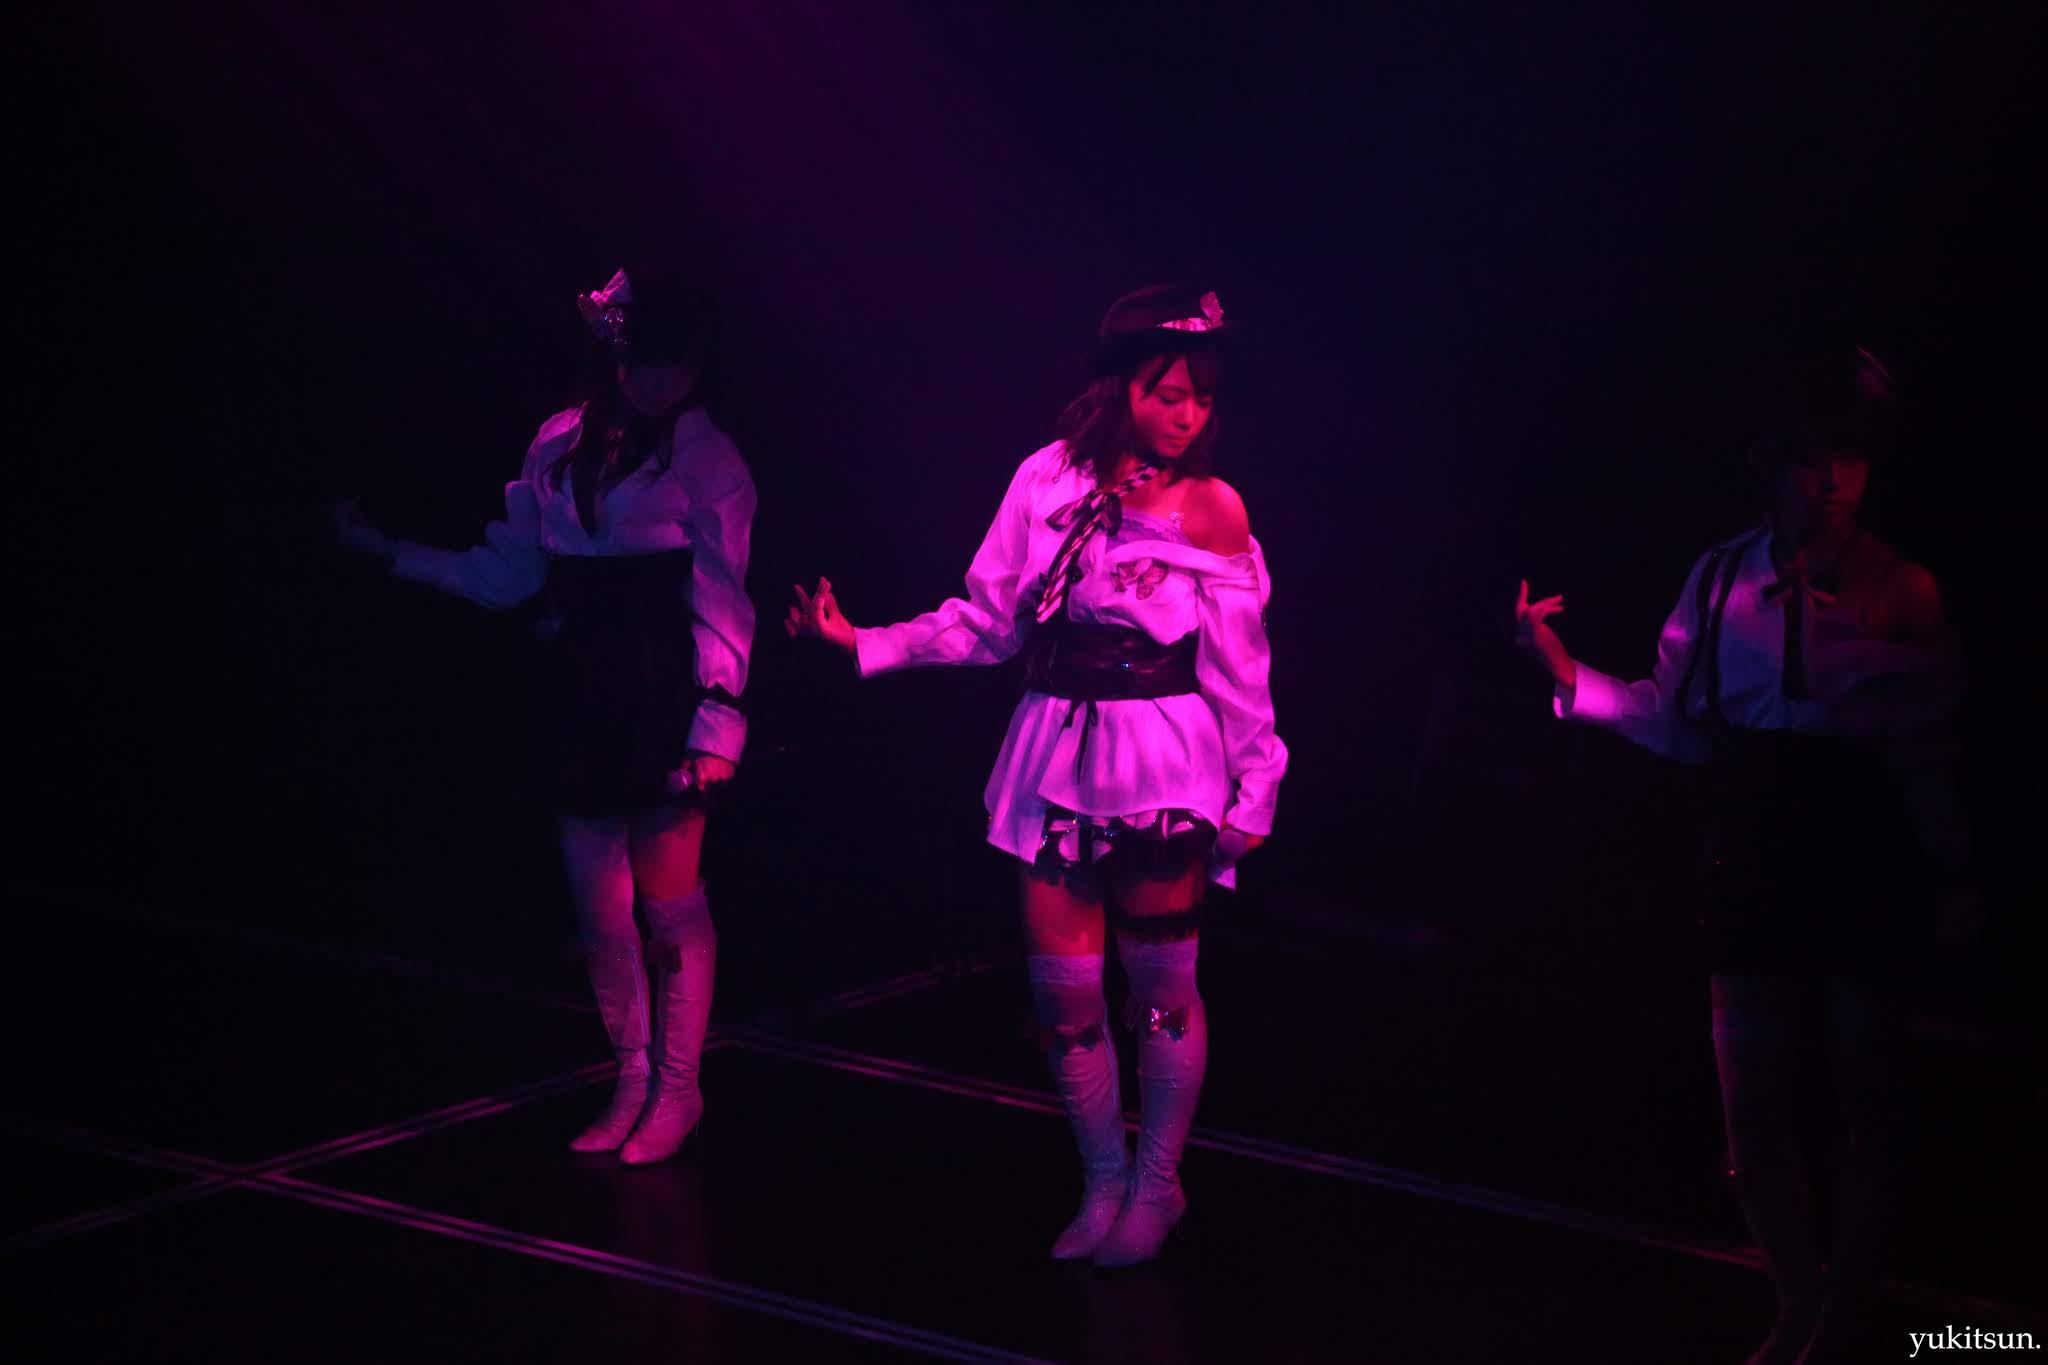 shinjidai-71